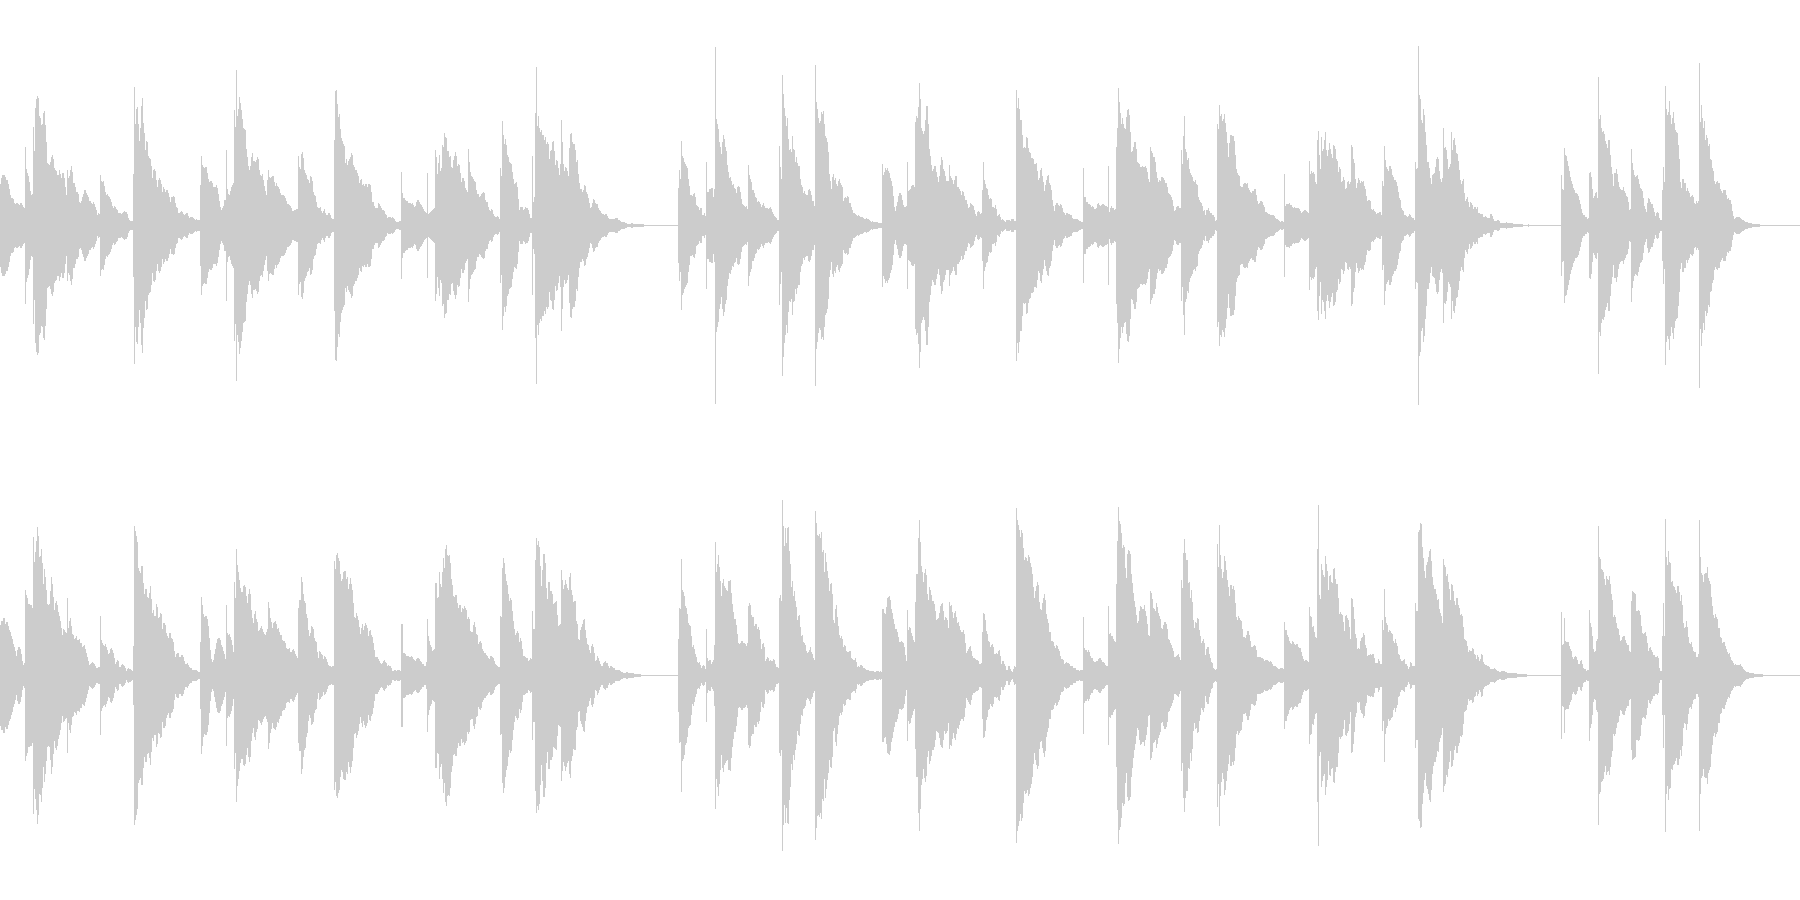 ハッピーバースデーのオルゴールアレンジの未再生の波形